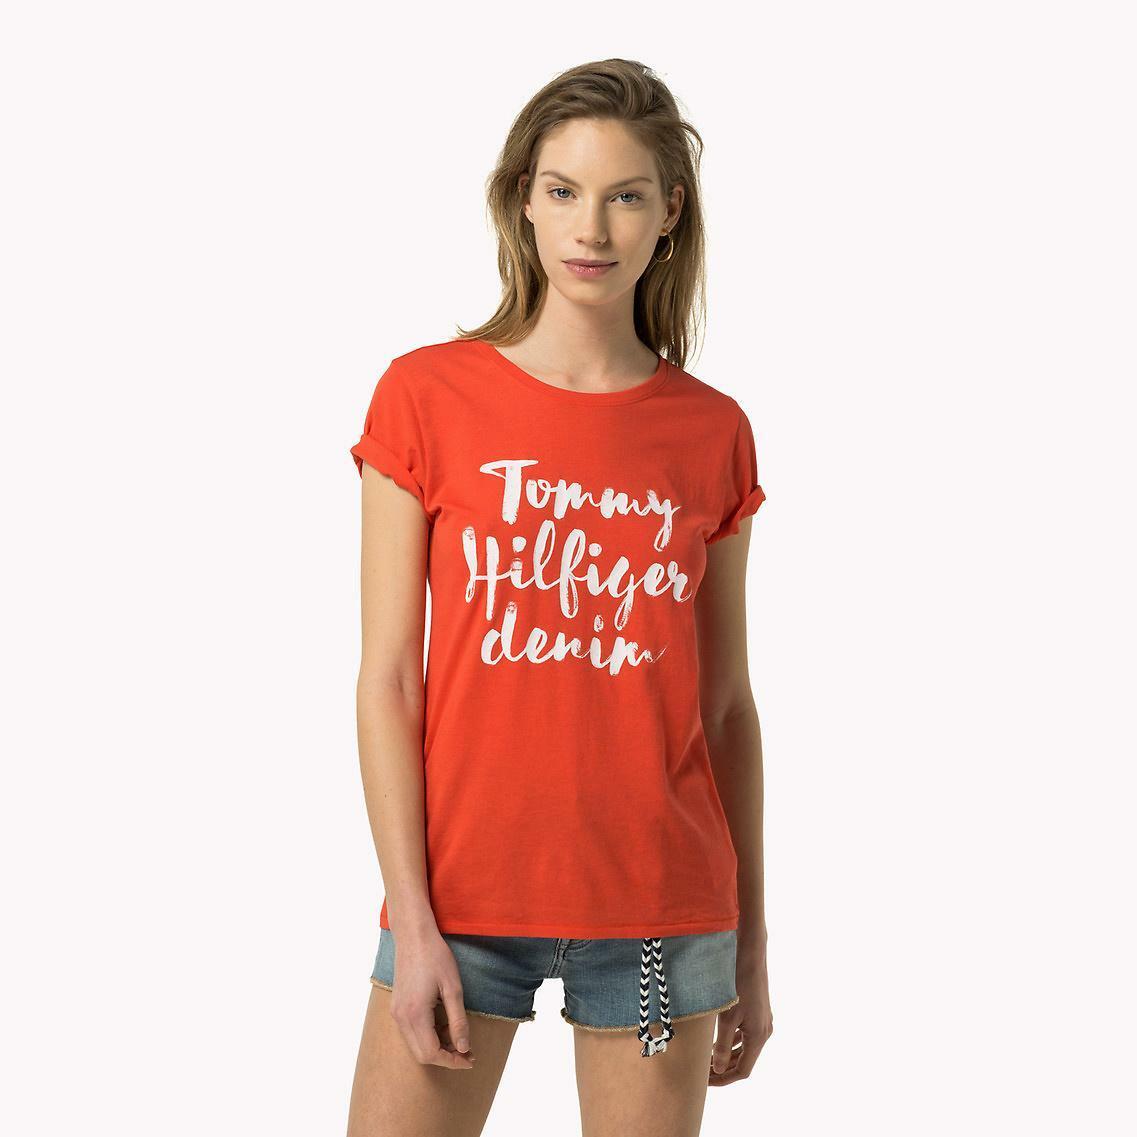 Tommy Hilfiger dámské červené tričko Basic - Mode.cz 6ef46e0be15